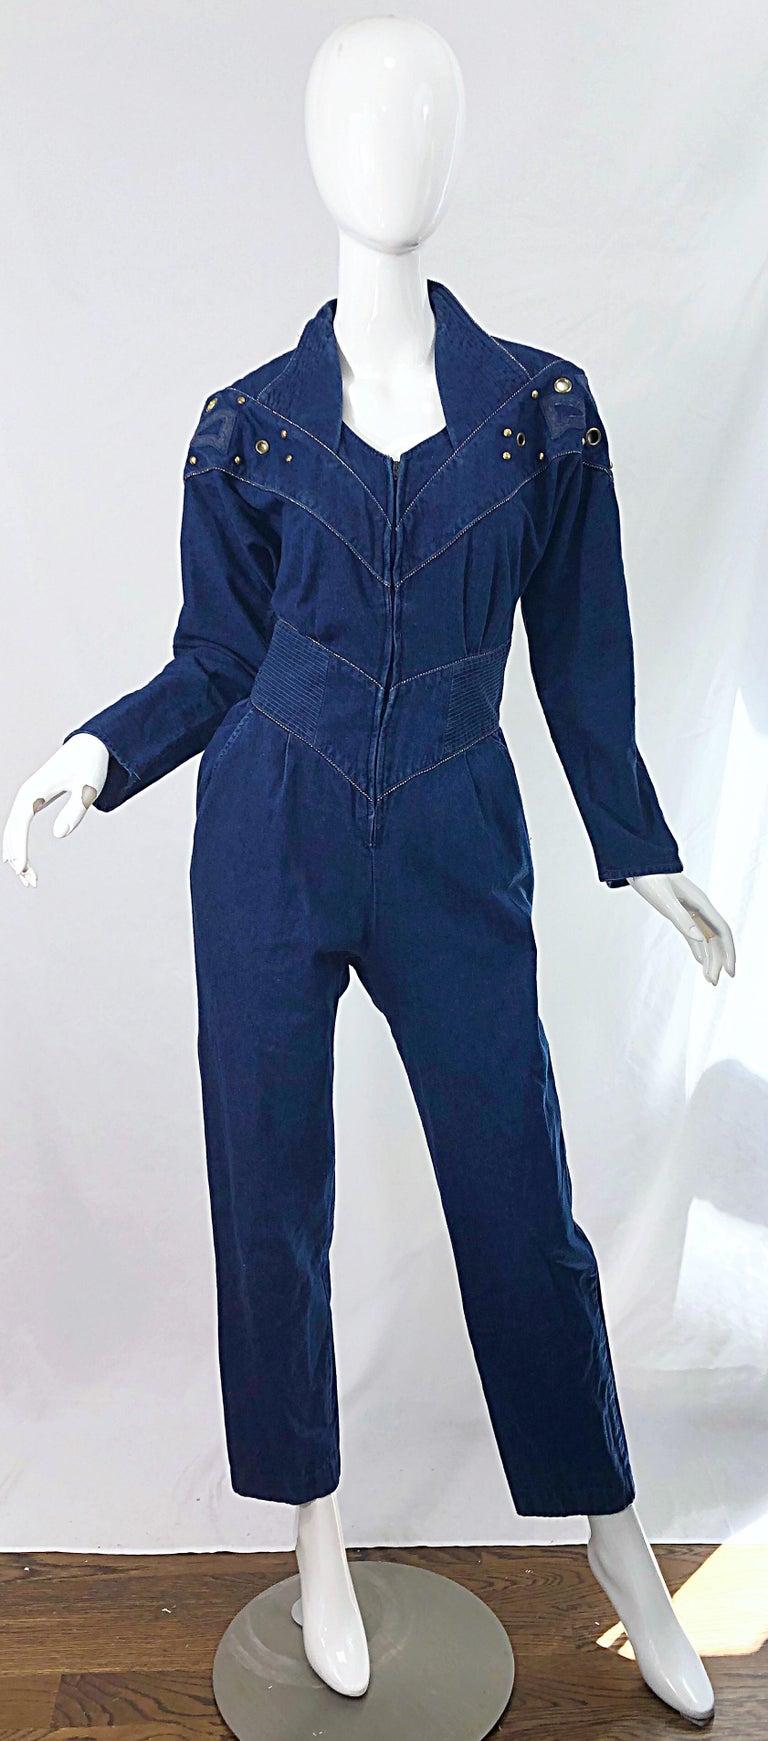 1980s Jillian Arthur Blue Jean Avant Garde Grommett Beaded Vintage 80s Jumpsuit For Sale 8